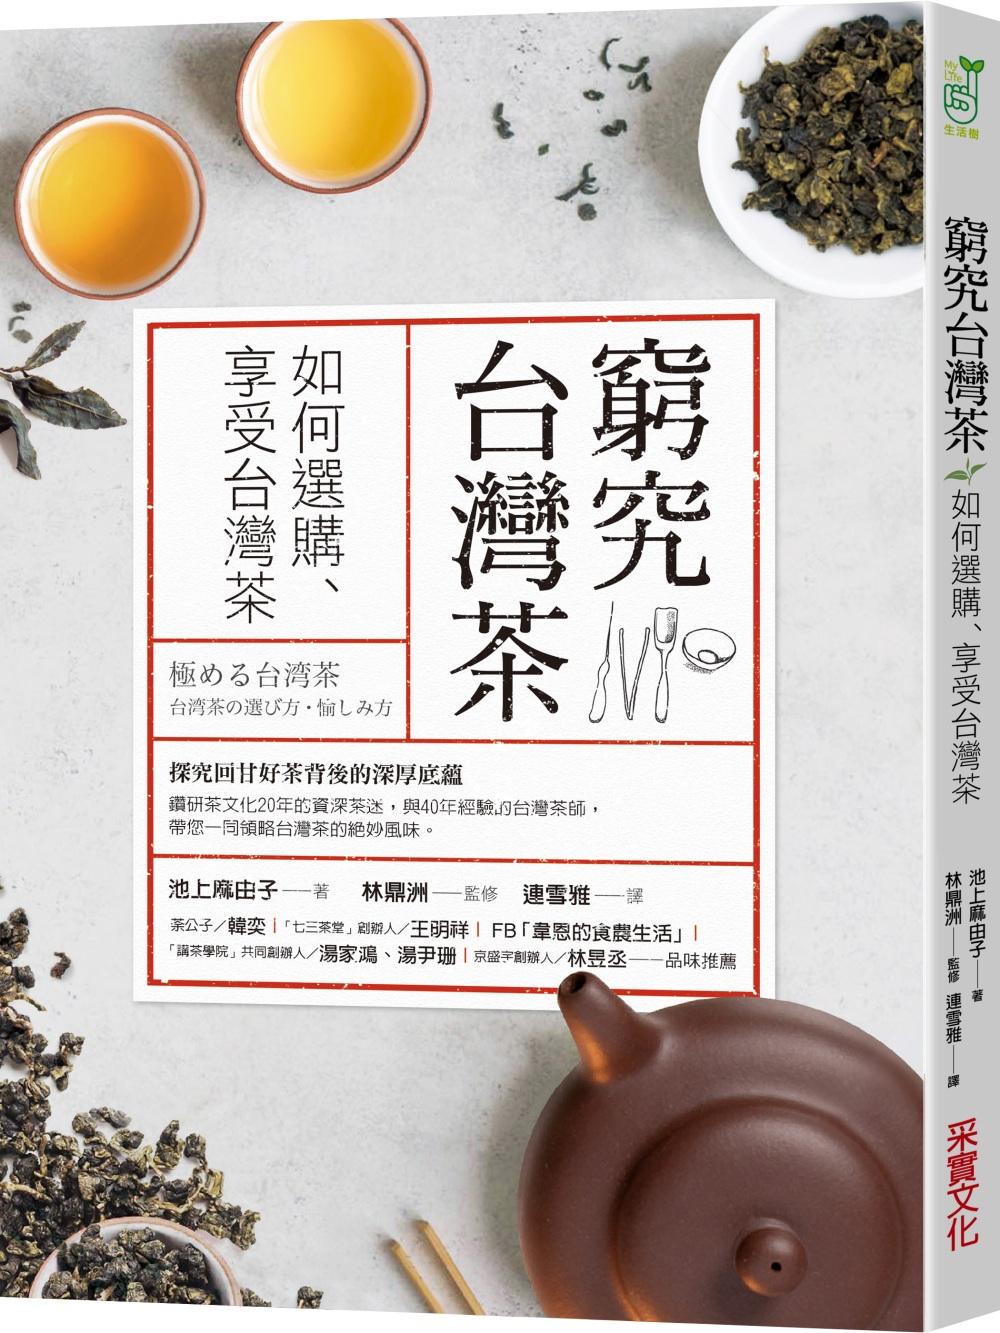 窮究台灣茶:如何選購、享受台灣...